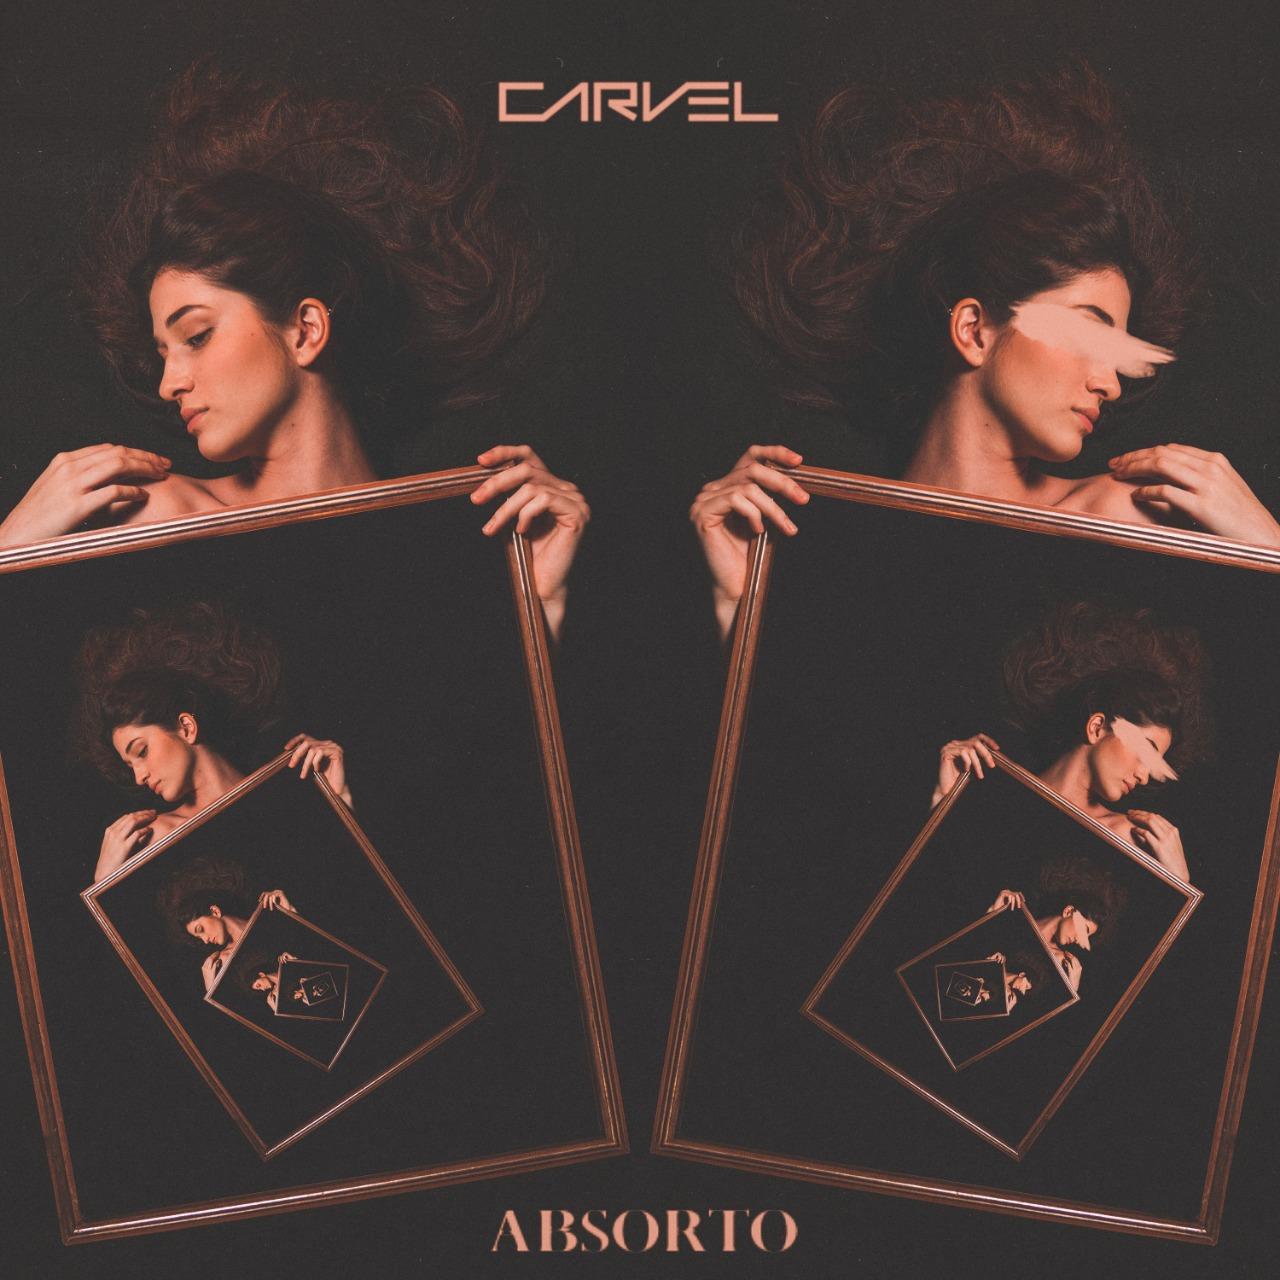 Conheça a Carvel e seu disco de estreia 'Absorto'